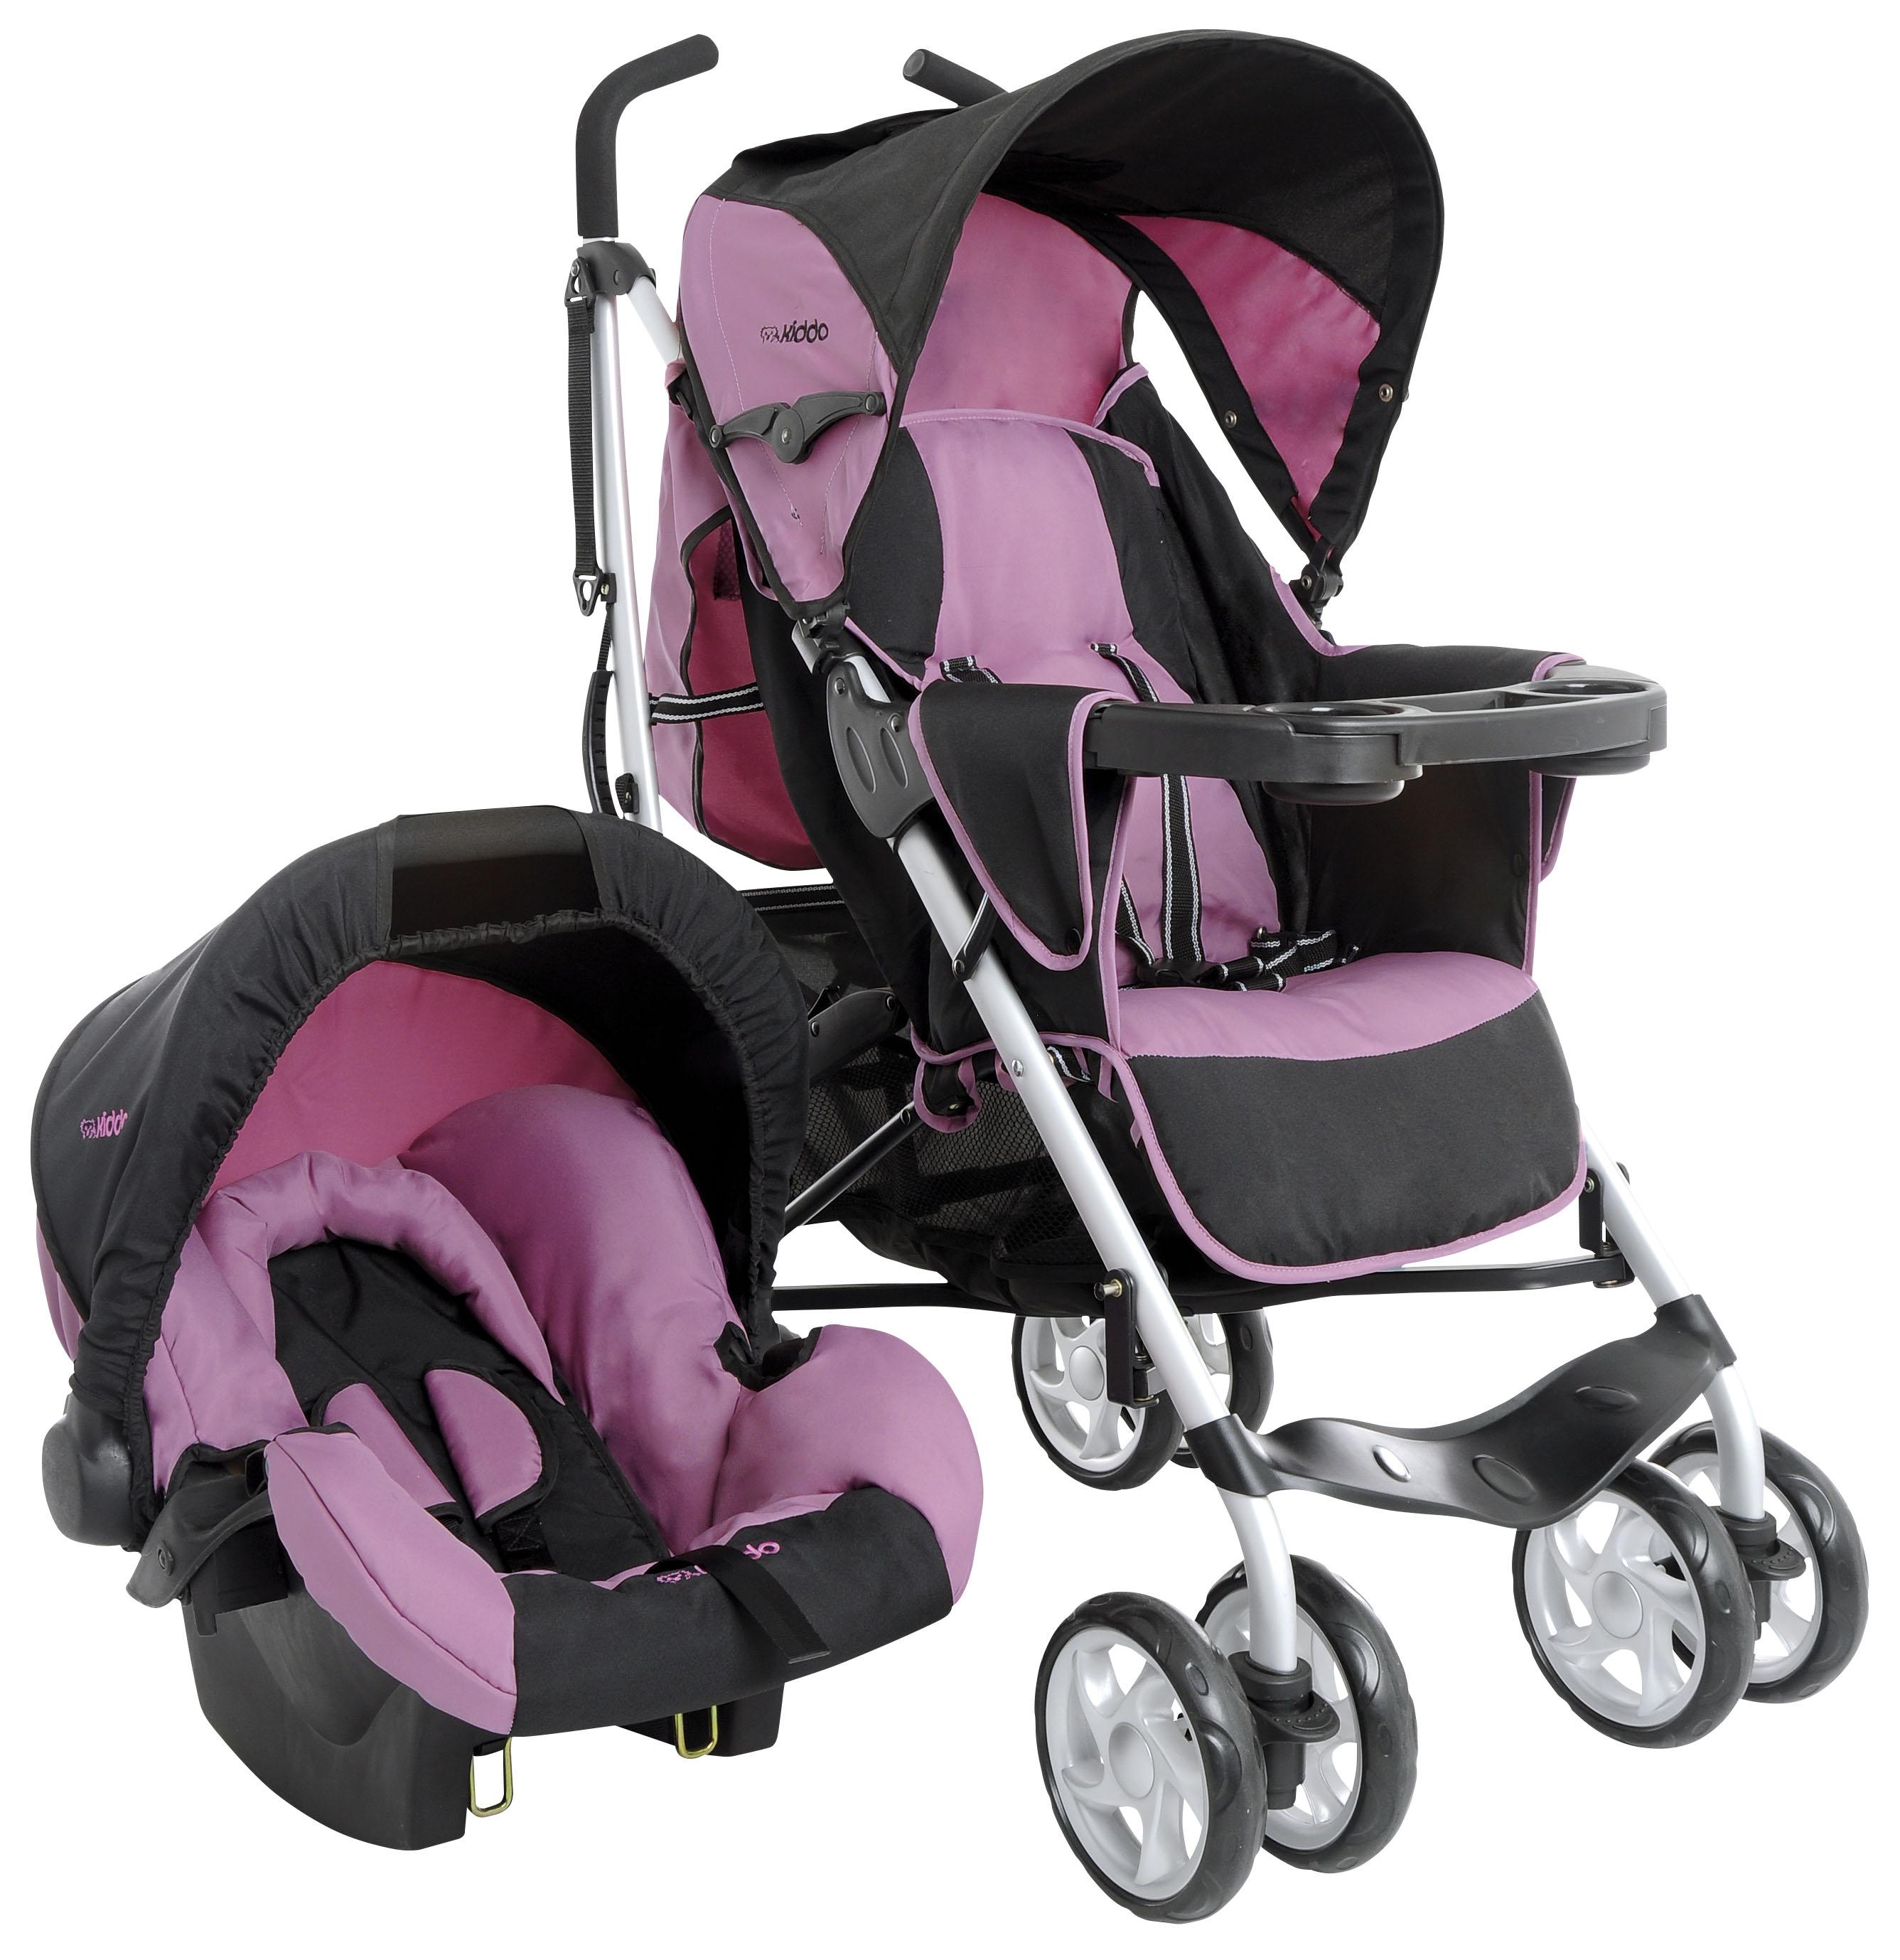 de Bebê Berços e Cercados Bebe Conforto Cadeira de Auto Babá #6A2E47 2673x2757